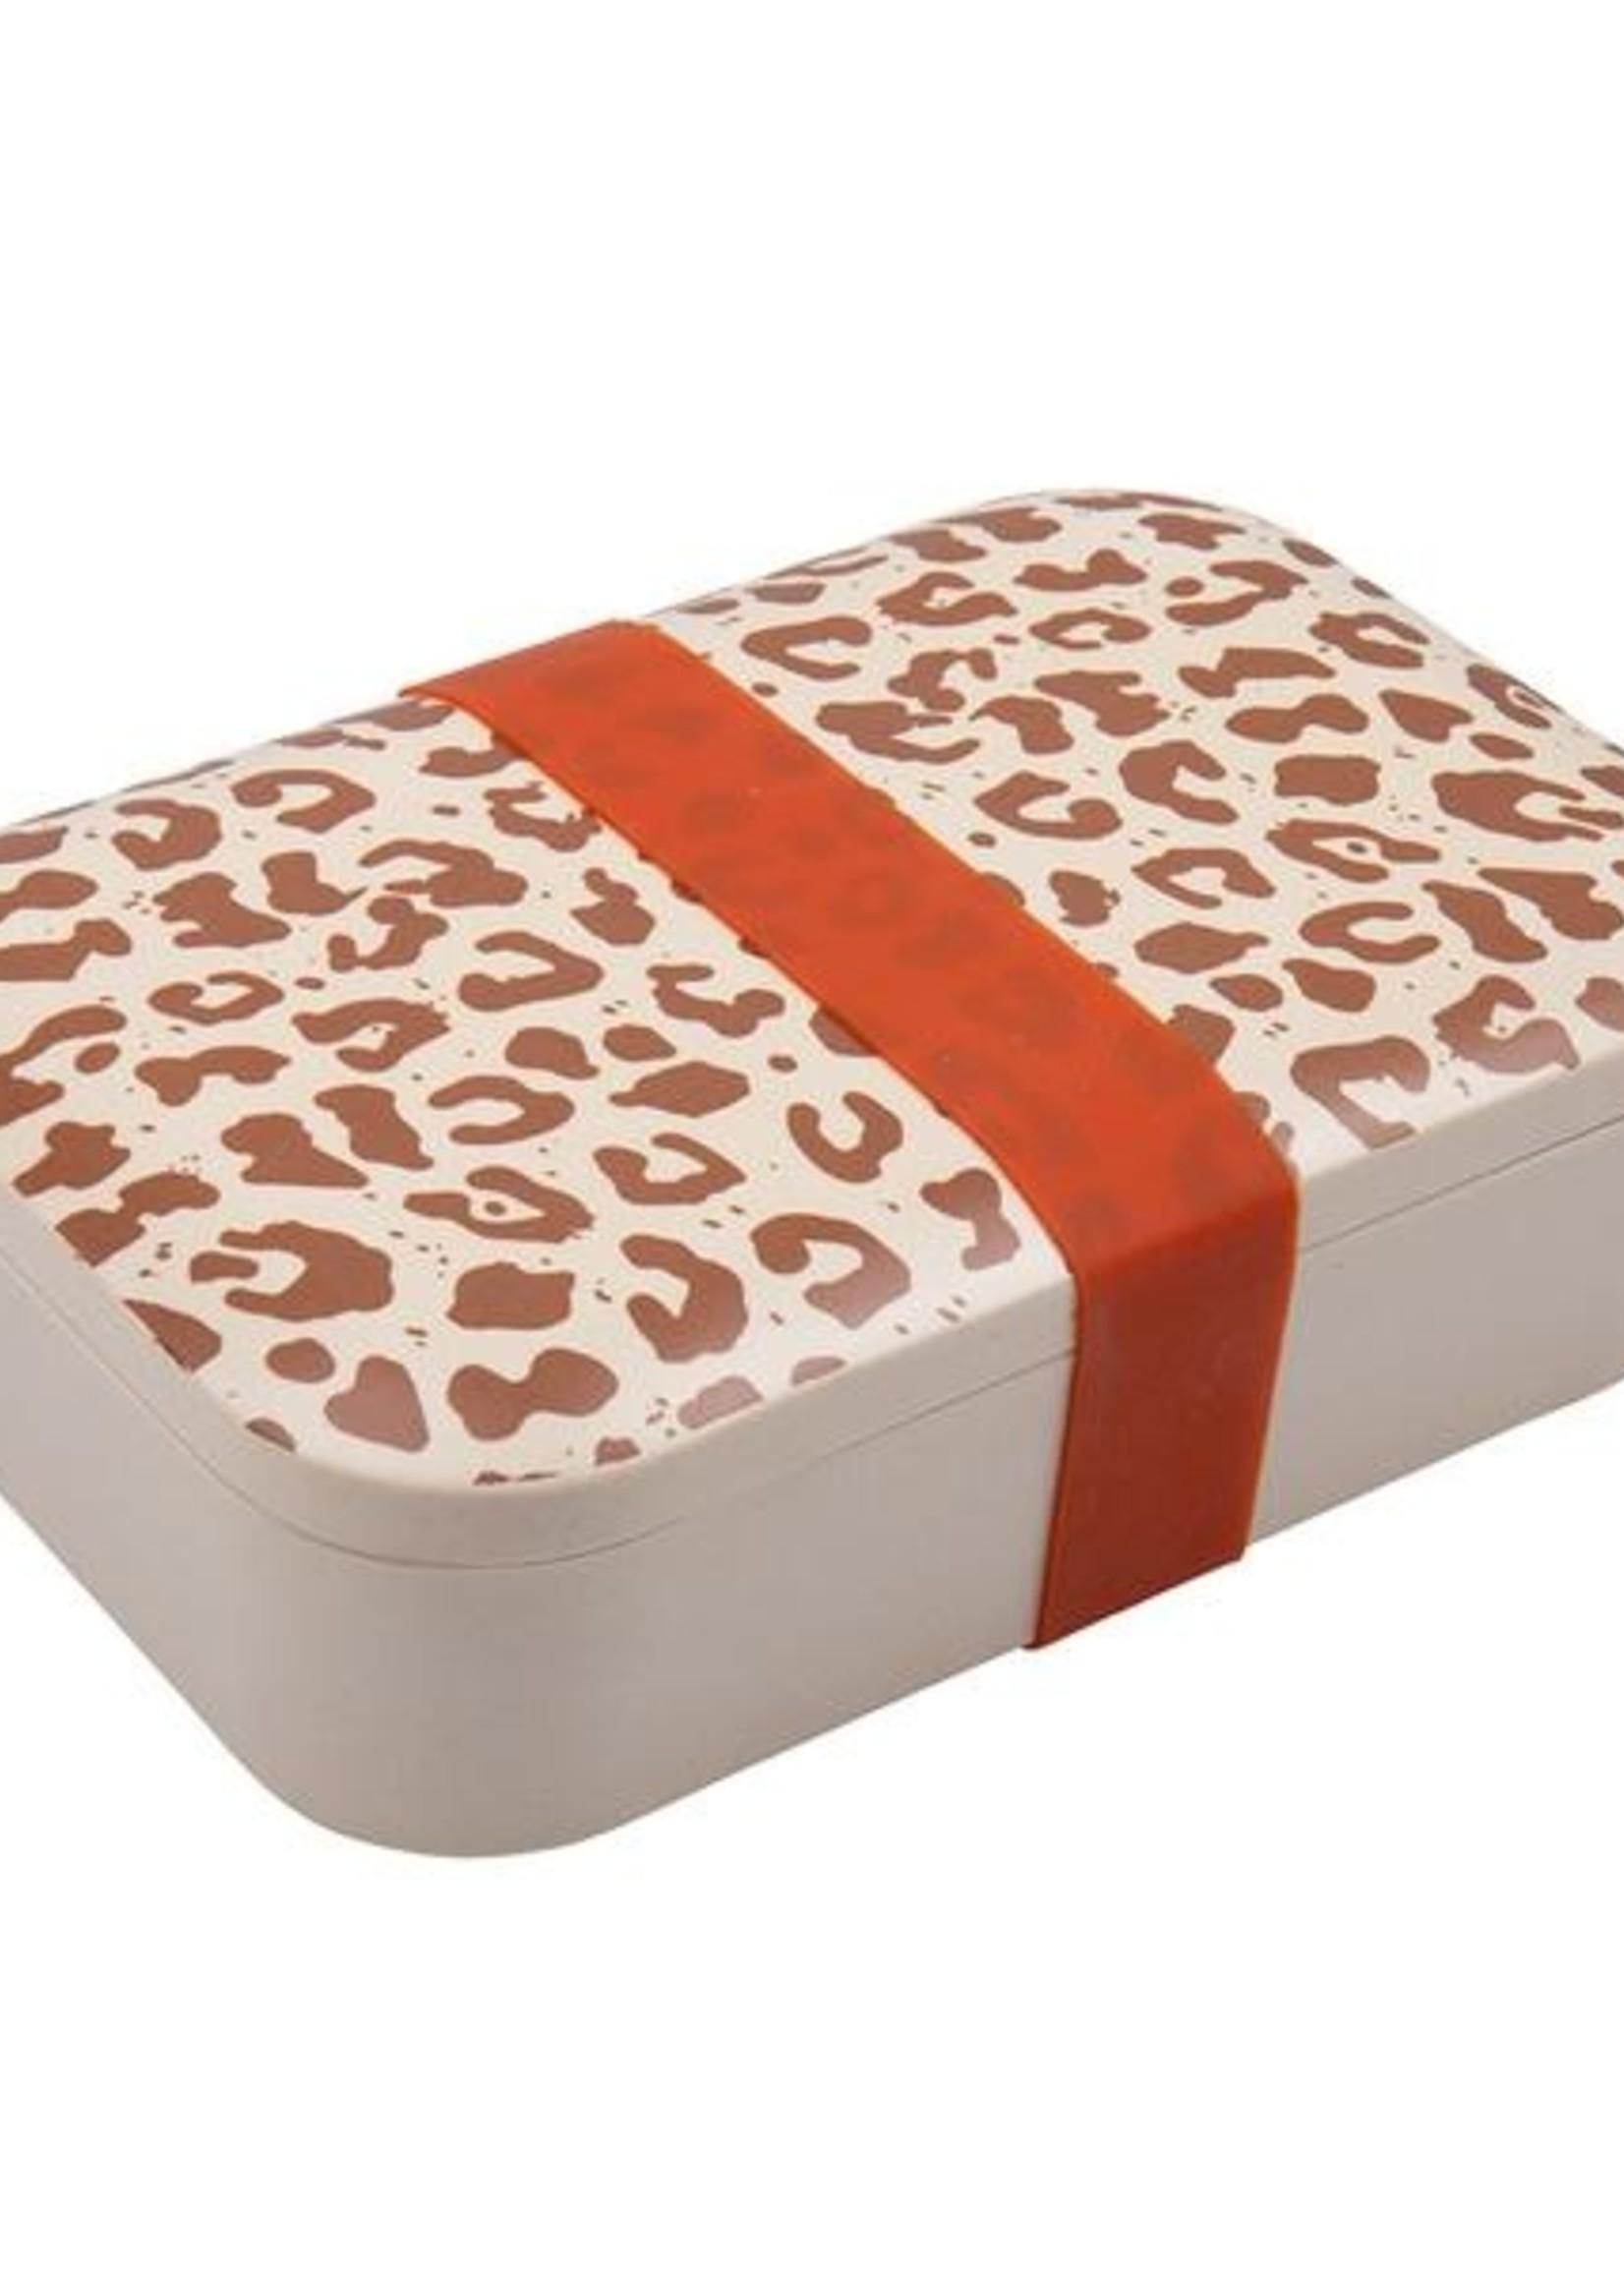 Little Indians Lunchbox - Leopard